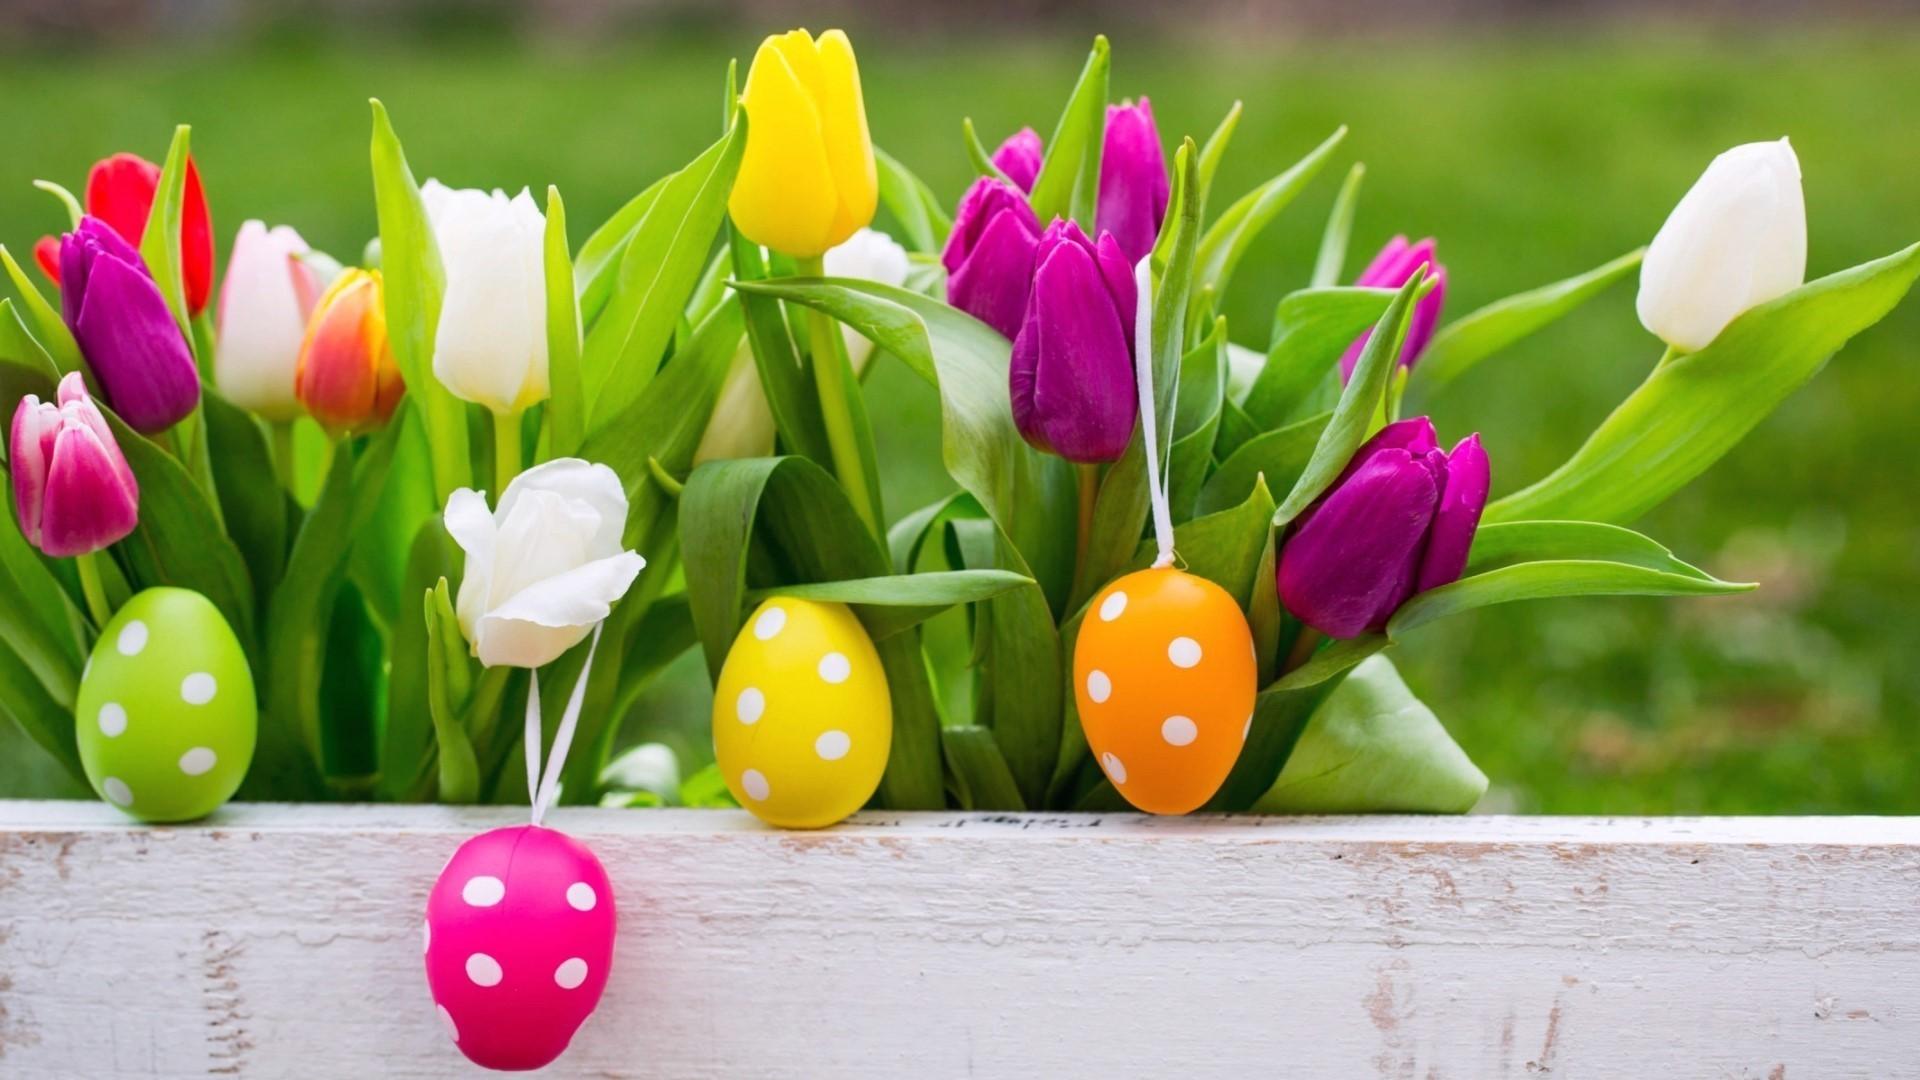 Easter egg wallpaper desktop wallpapertag - Easter desktop wallpaper ...